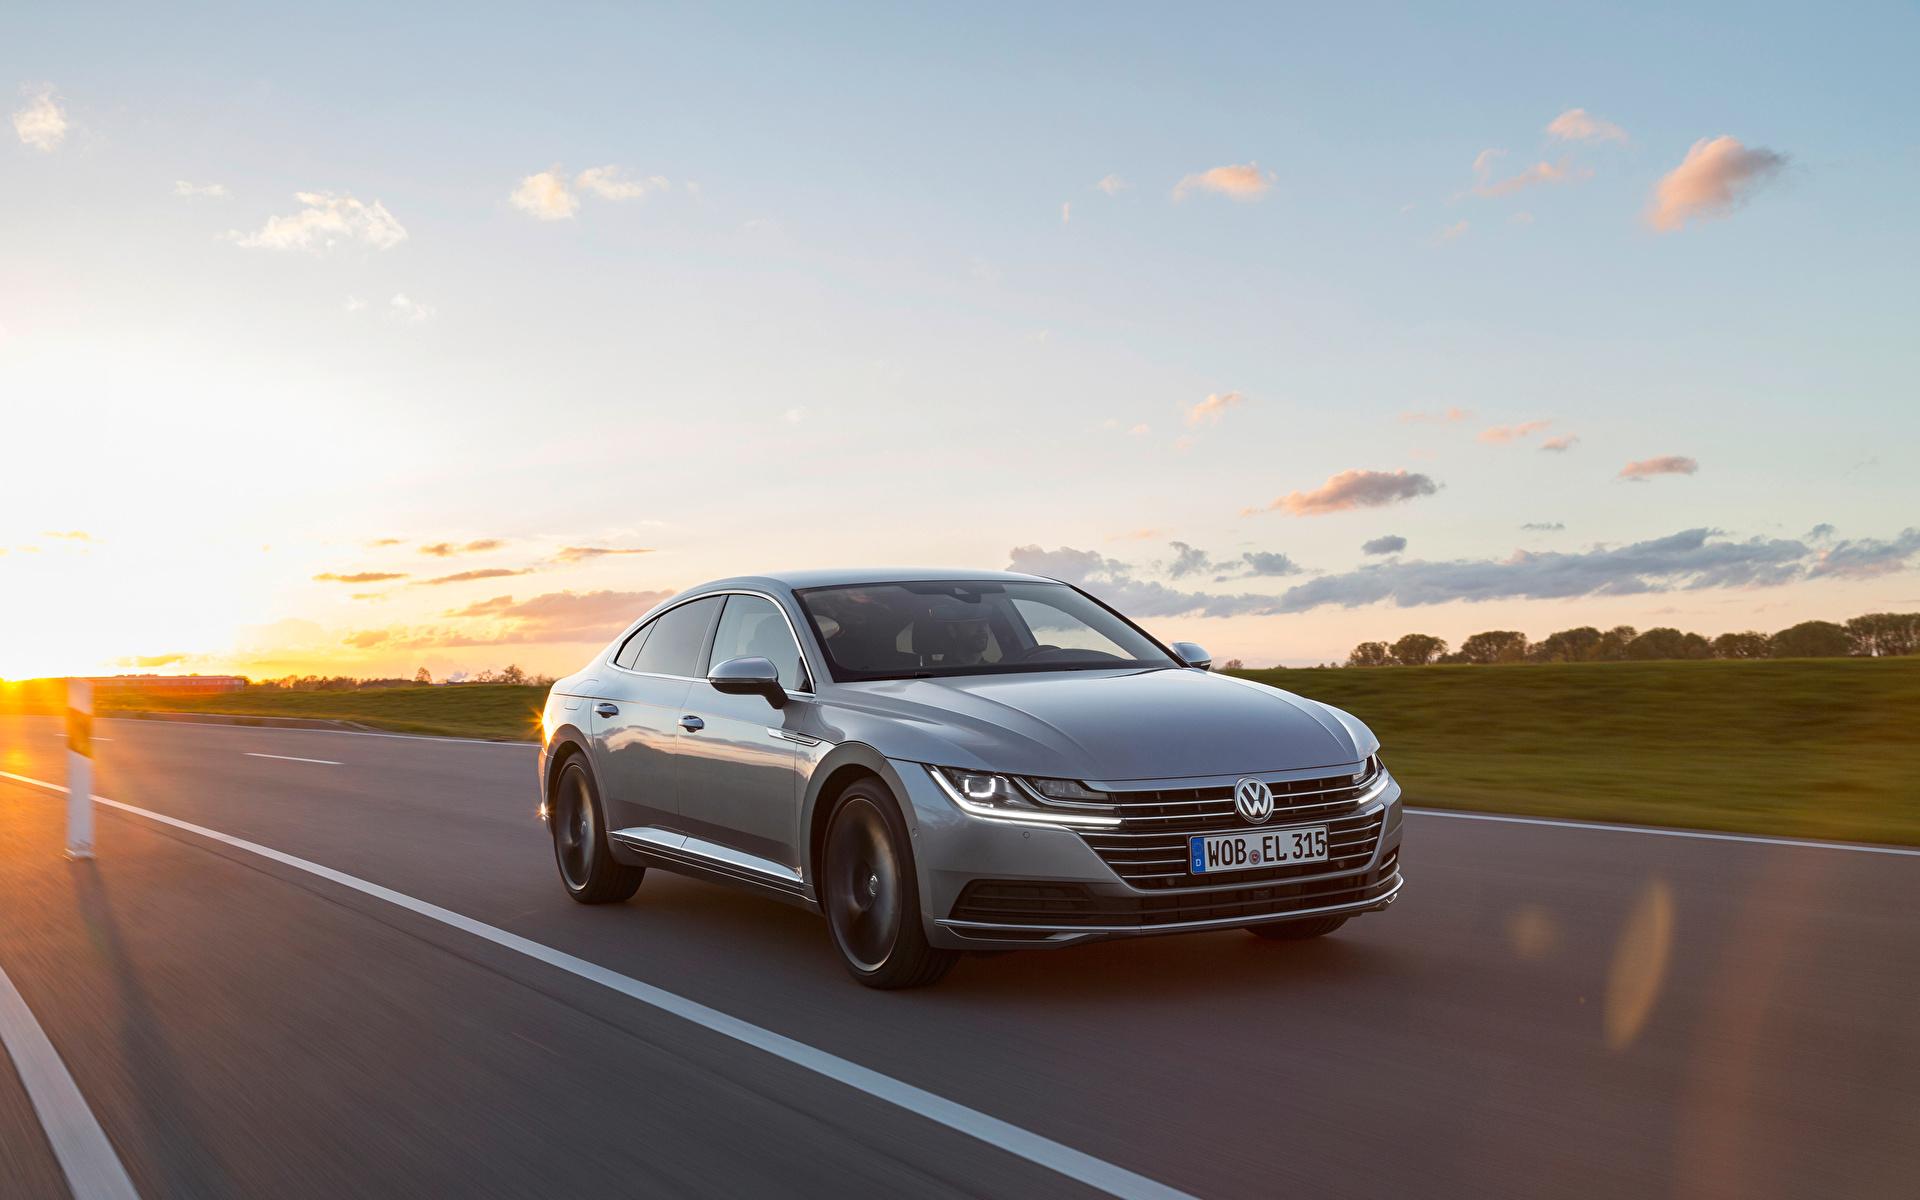 Achtergrond Volkswagen Arteon 4MOTION Elegance Worldwide grijze bewegende Auto Metallic 1920x1200 Grijs Beweging rijdende snelheid auto's automobiel